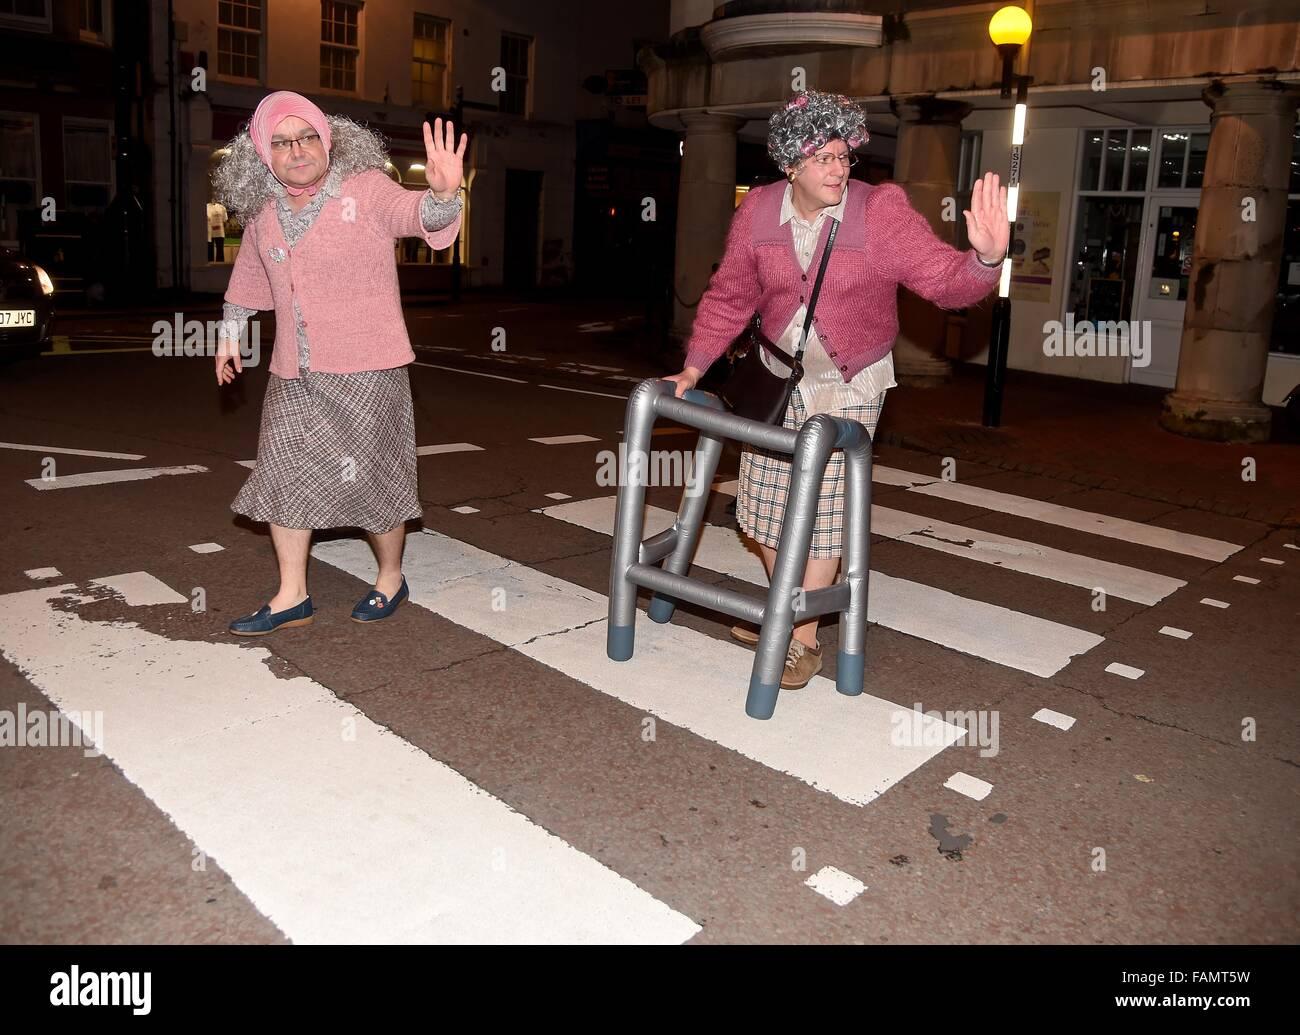 Anziane signore attraversare la strada, Nuovo Anno fancy dress, REGNO UNITO Foto Stock